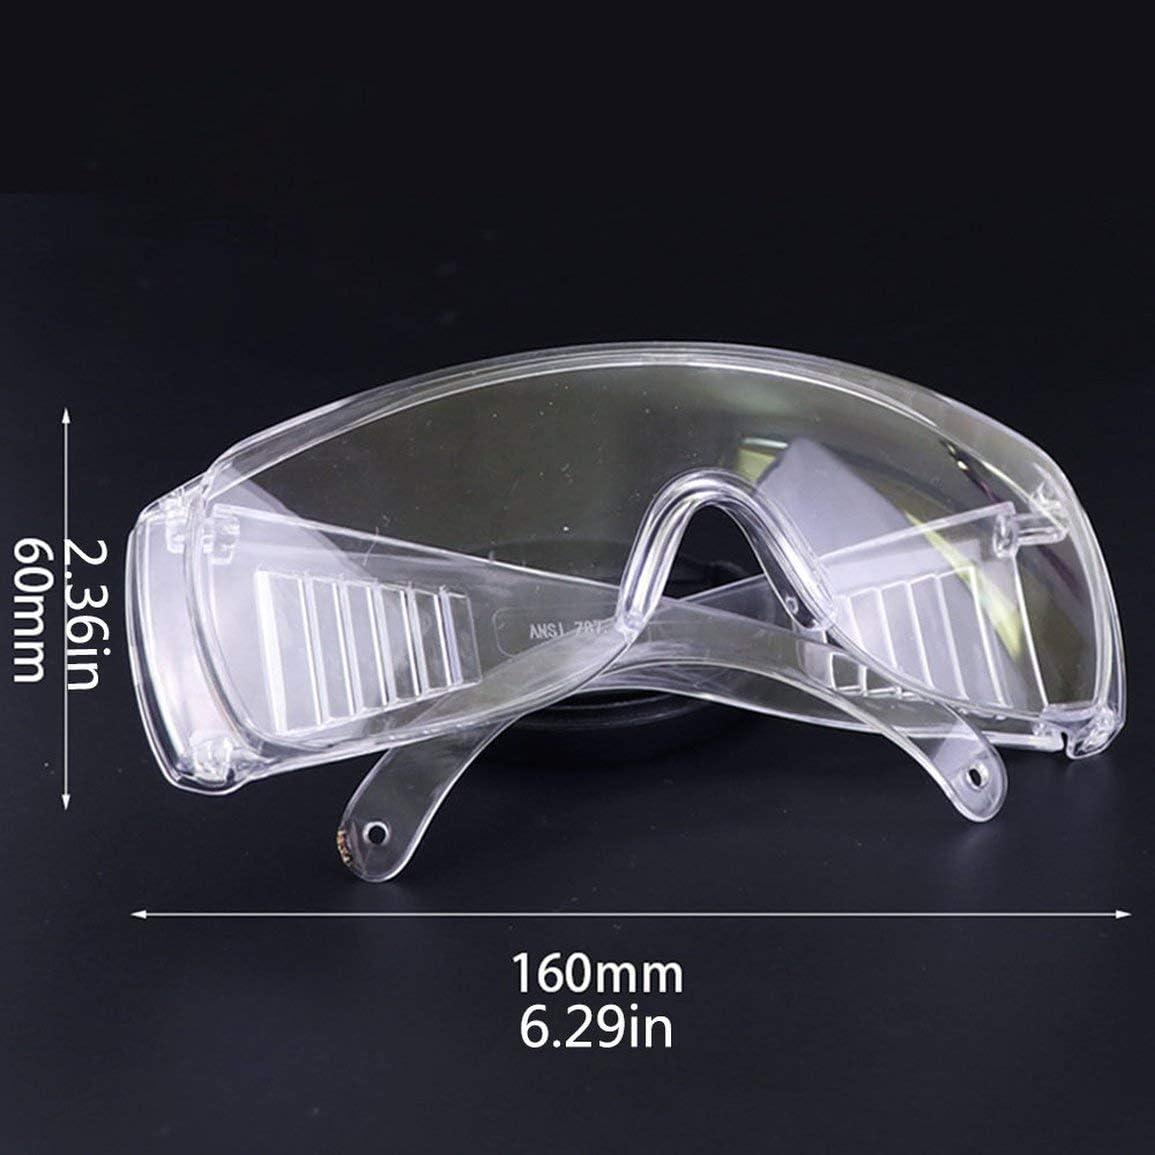 Kurphy Vaccine Shutter Goggles Kunststoff Staubdicht und Atmungsaktiv Sicherheitsbrille Transparente Schutzbrille 1 St/ück